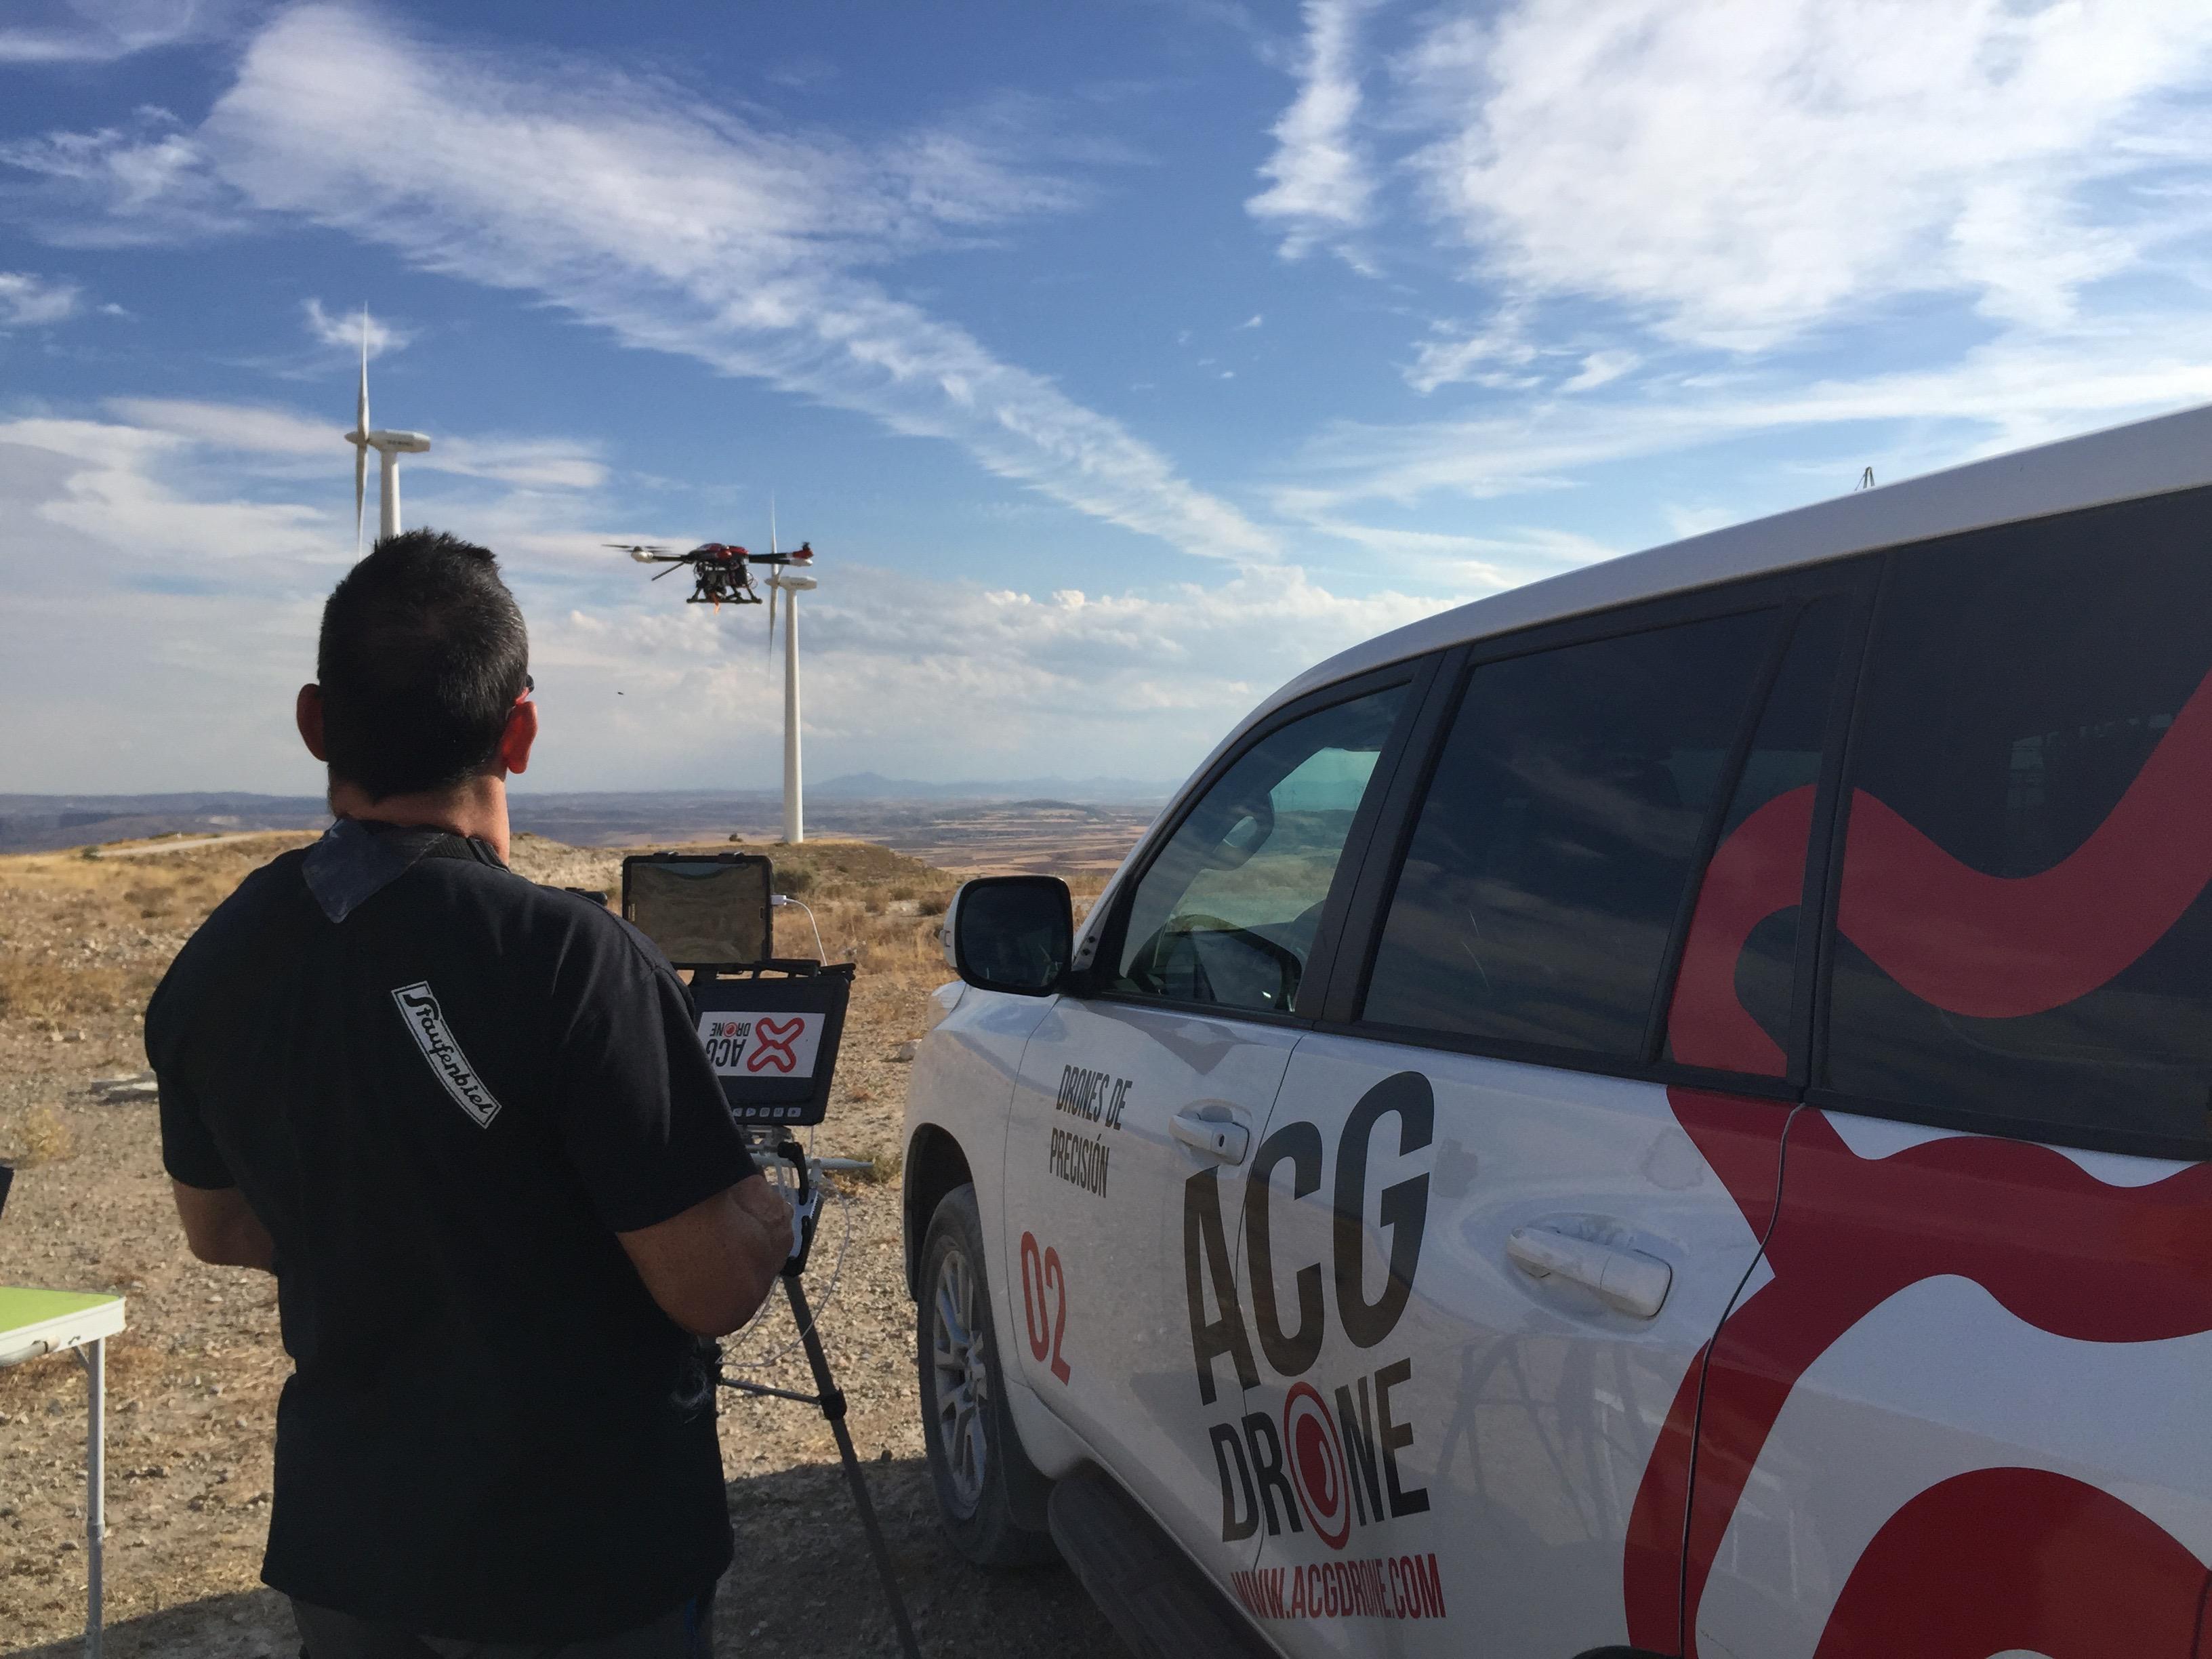 Operadora de drones